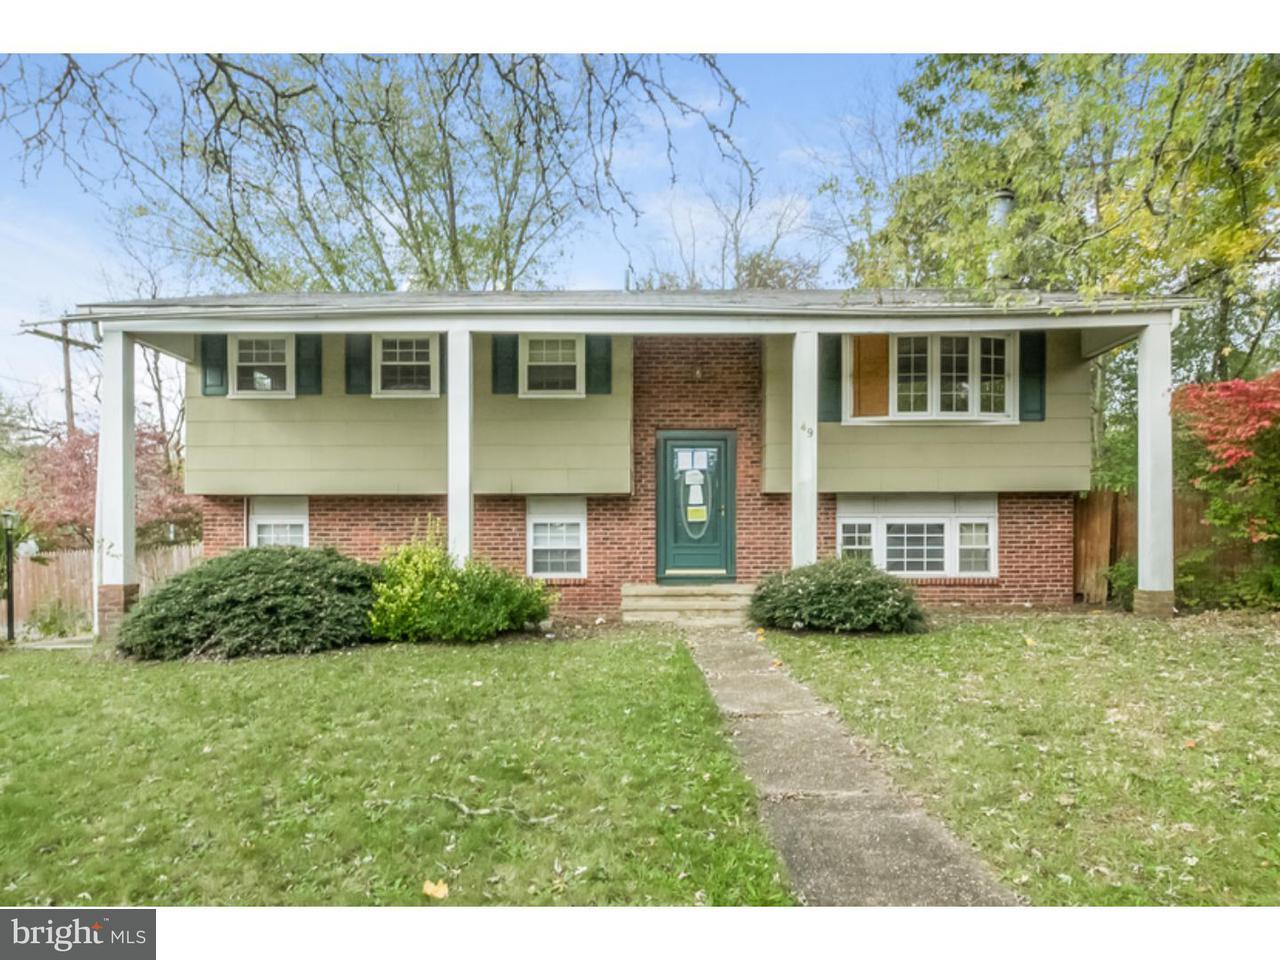 Casa Unifamiliar por un Venta en 49 BIRCH Drive Jackson Township, Nueva Jersey 08527 Estados Unidos